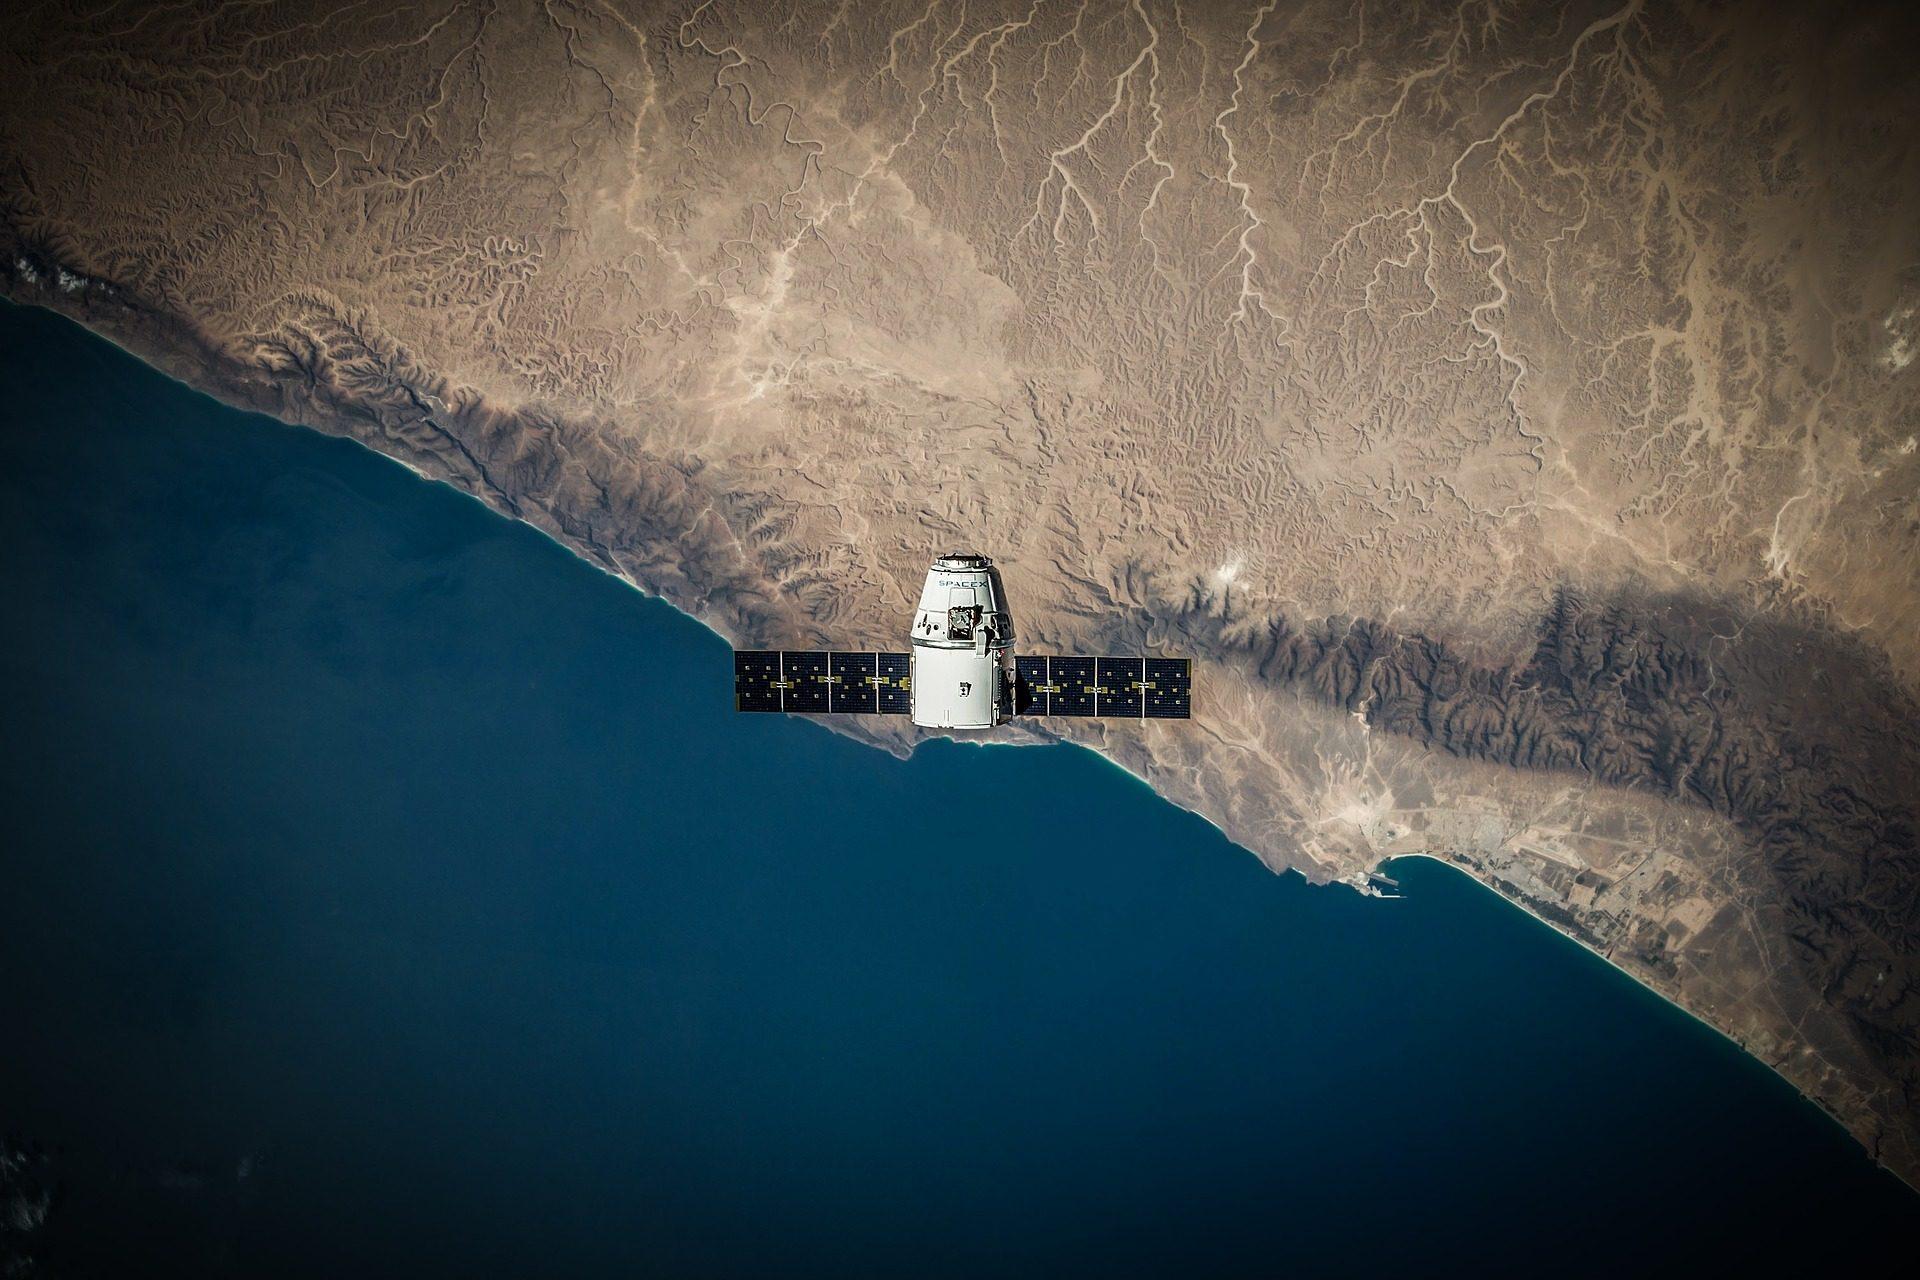 Спутниковое, Орбита, Земля, Океан, Высота - Обои HD - Профессор falken.com